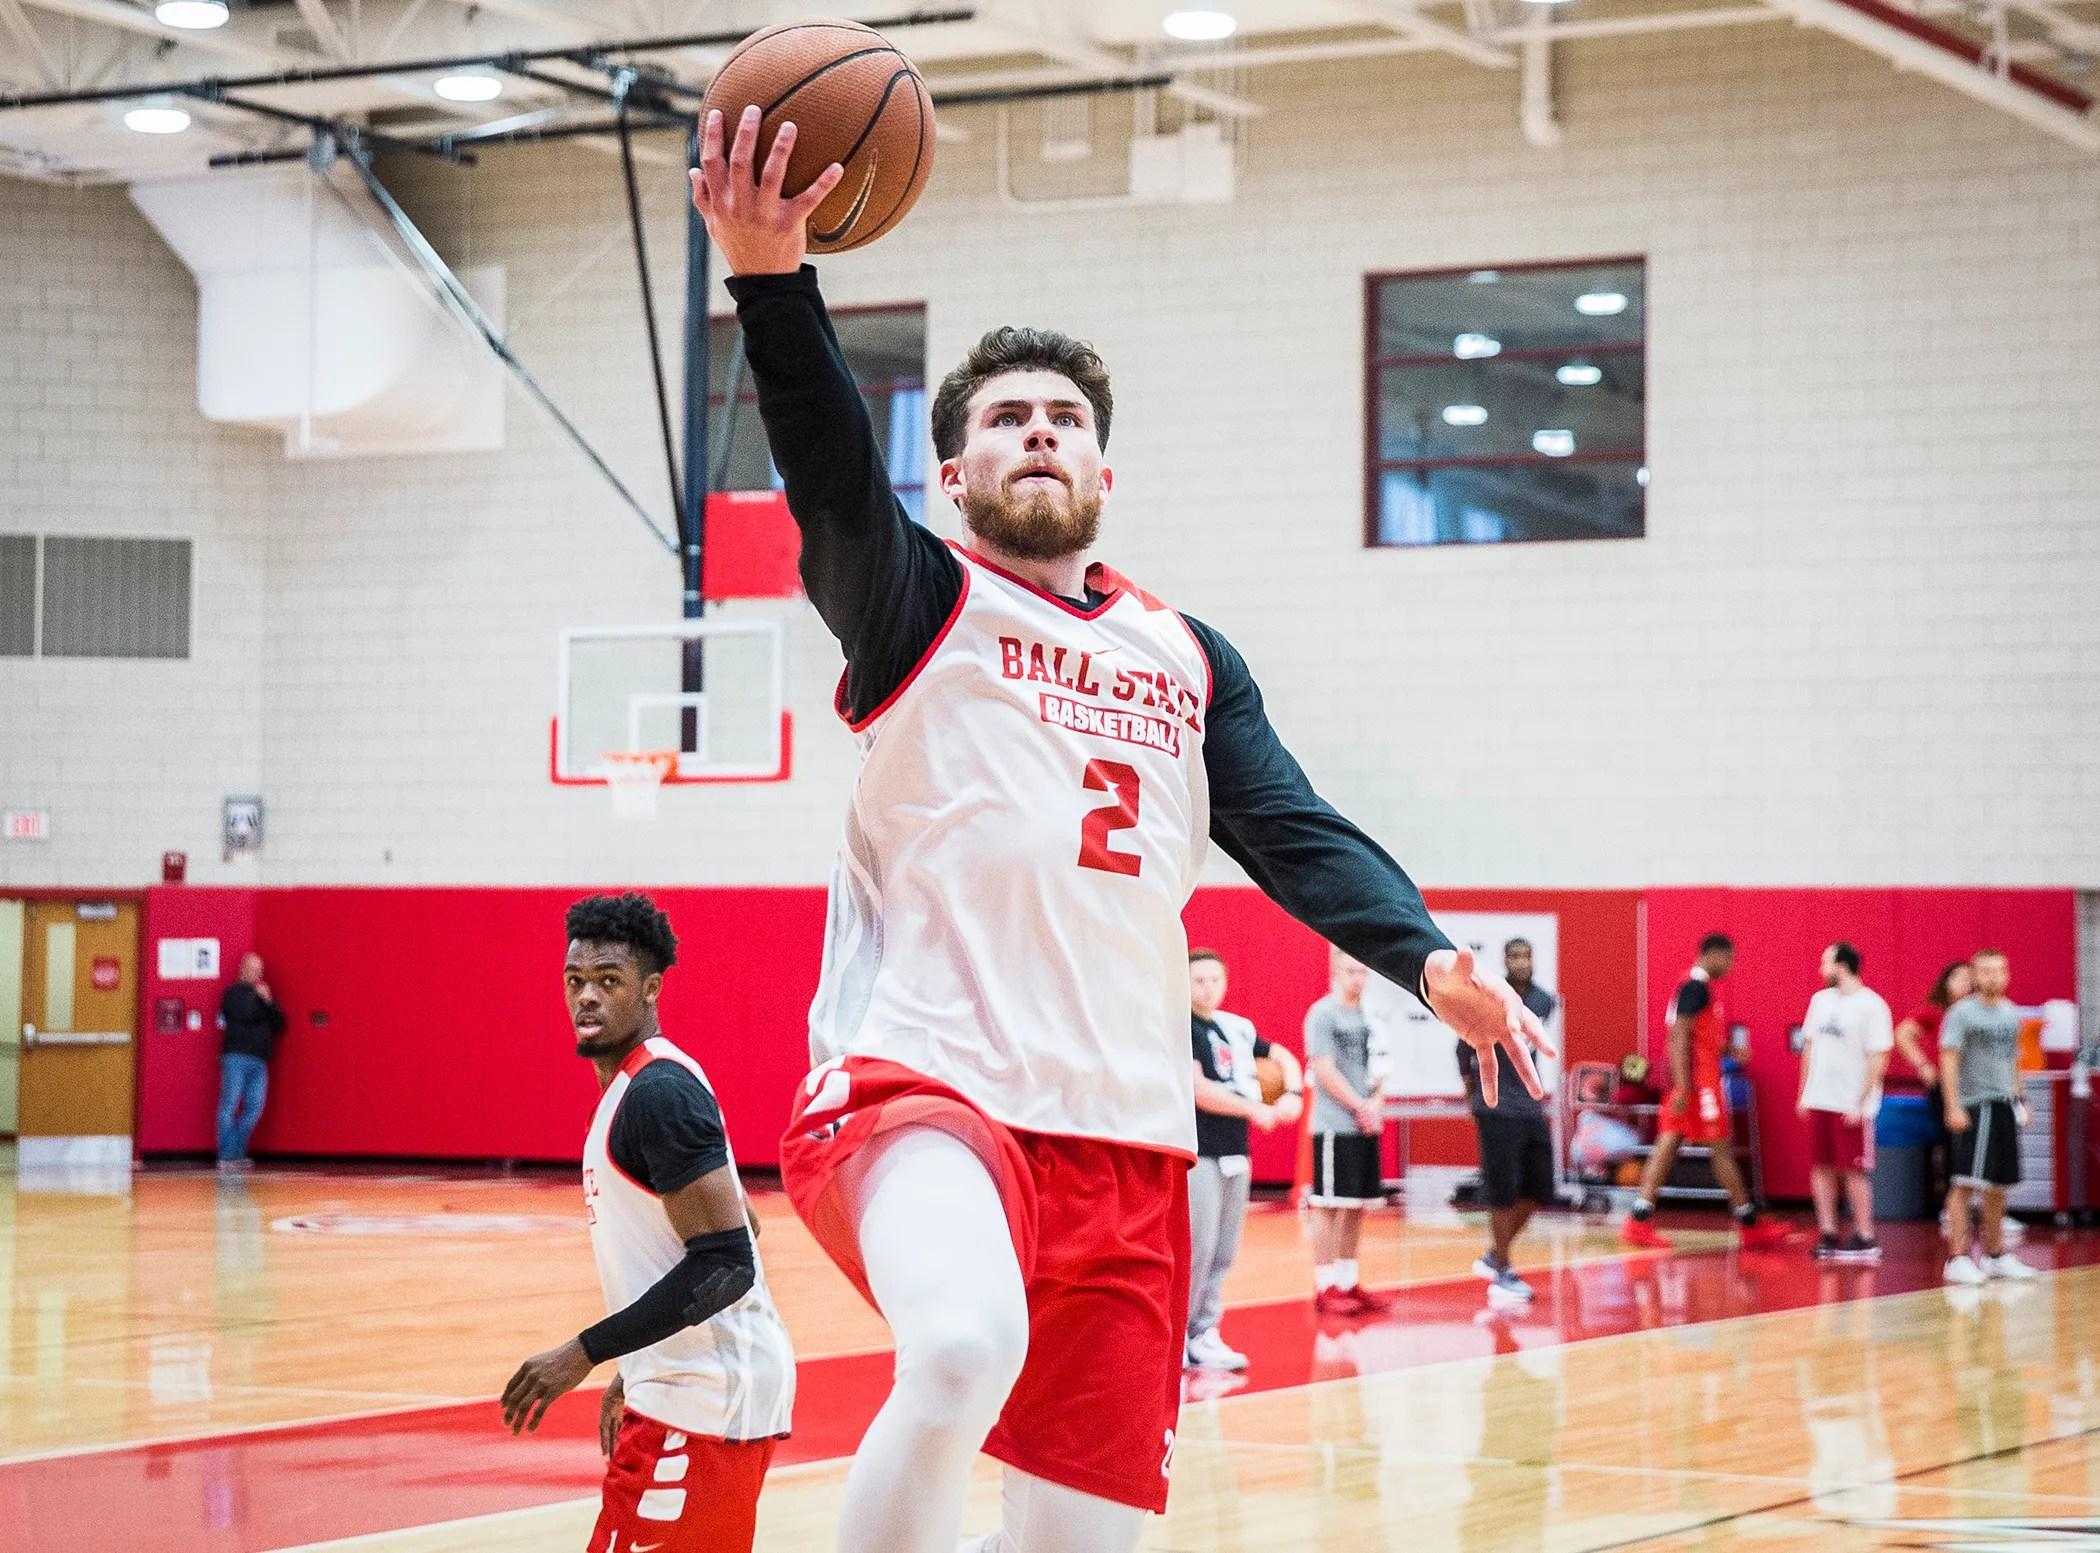 Meet the 2018-19 Ball State men's basketball team